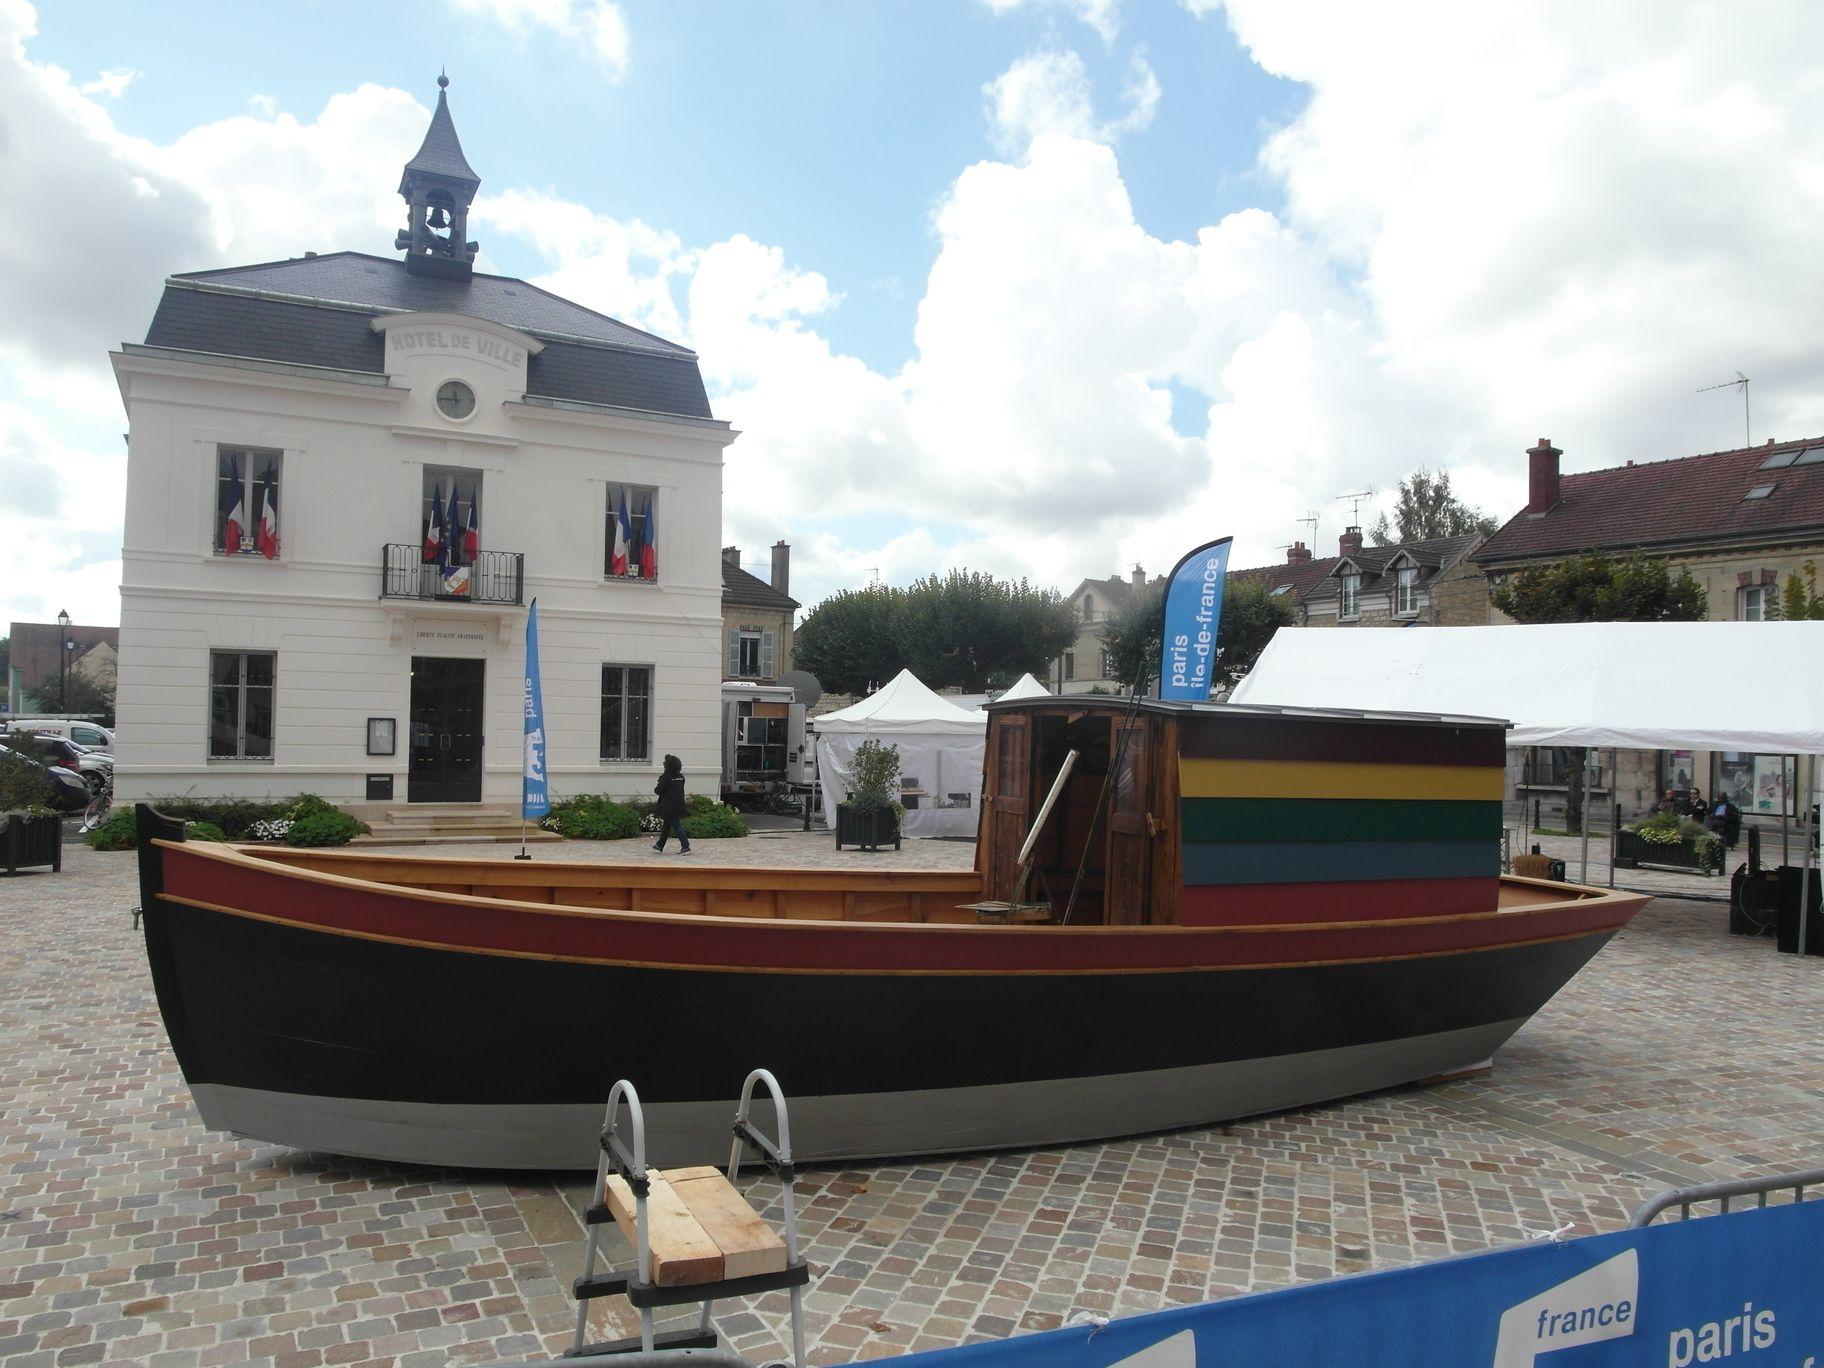 Le bateau est présenté devant l'Hotel de Ville